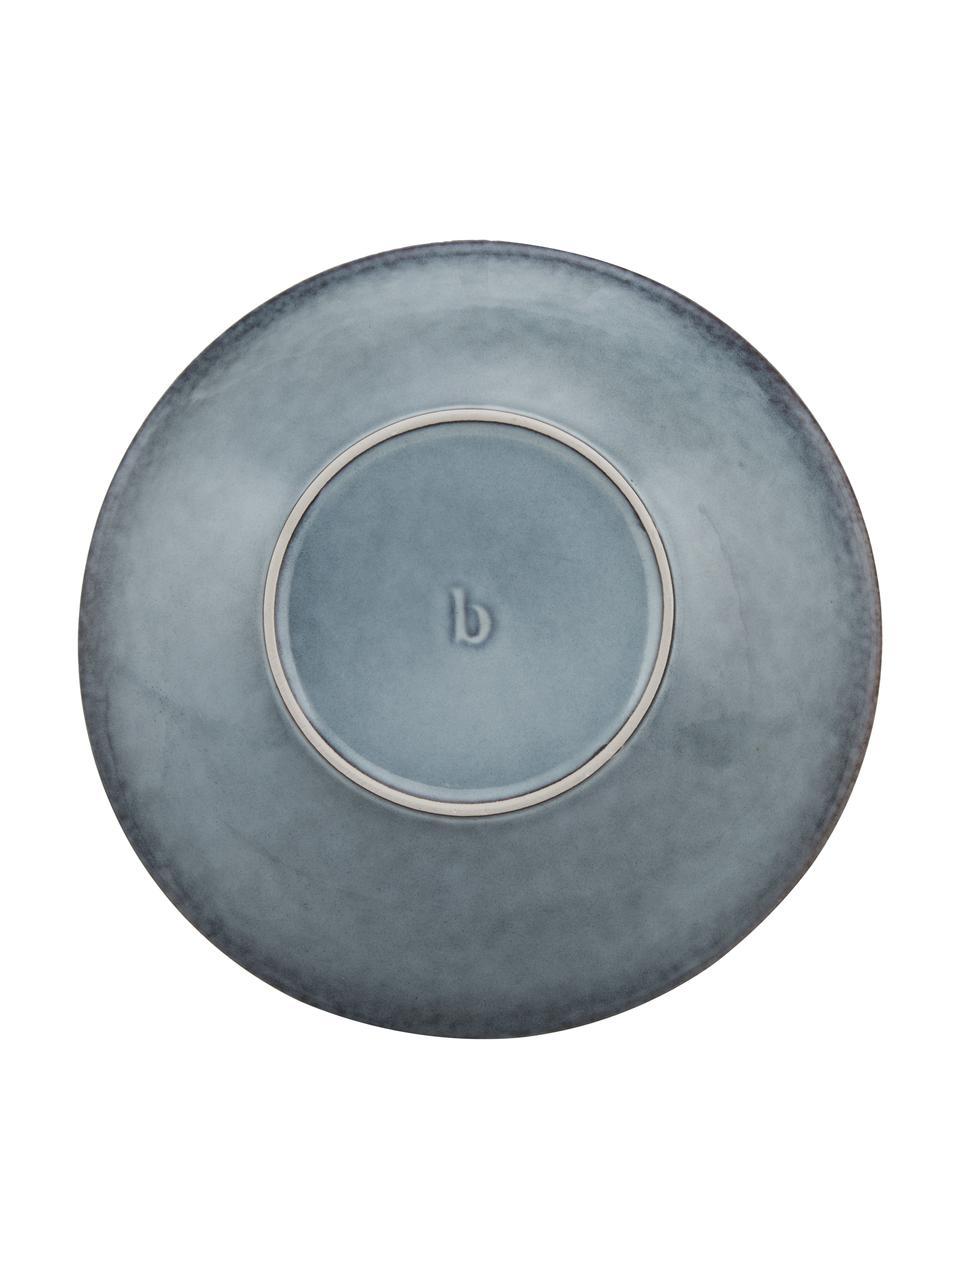 Piatto fondo in terracotta fatto a mano Nordic Sea 4 pz, Terracotta, Grigio e tonalità blu, Ø 22 x Alt. 5 cm